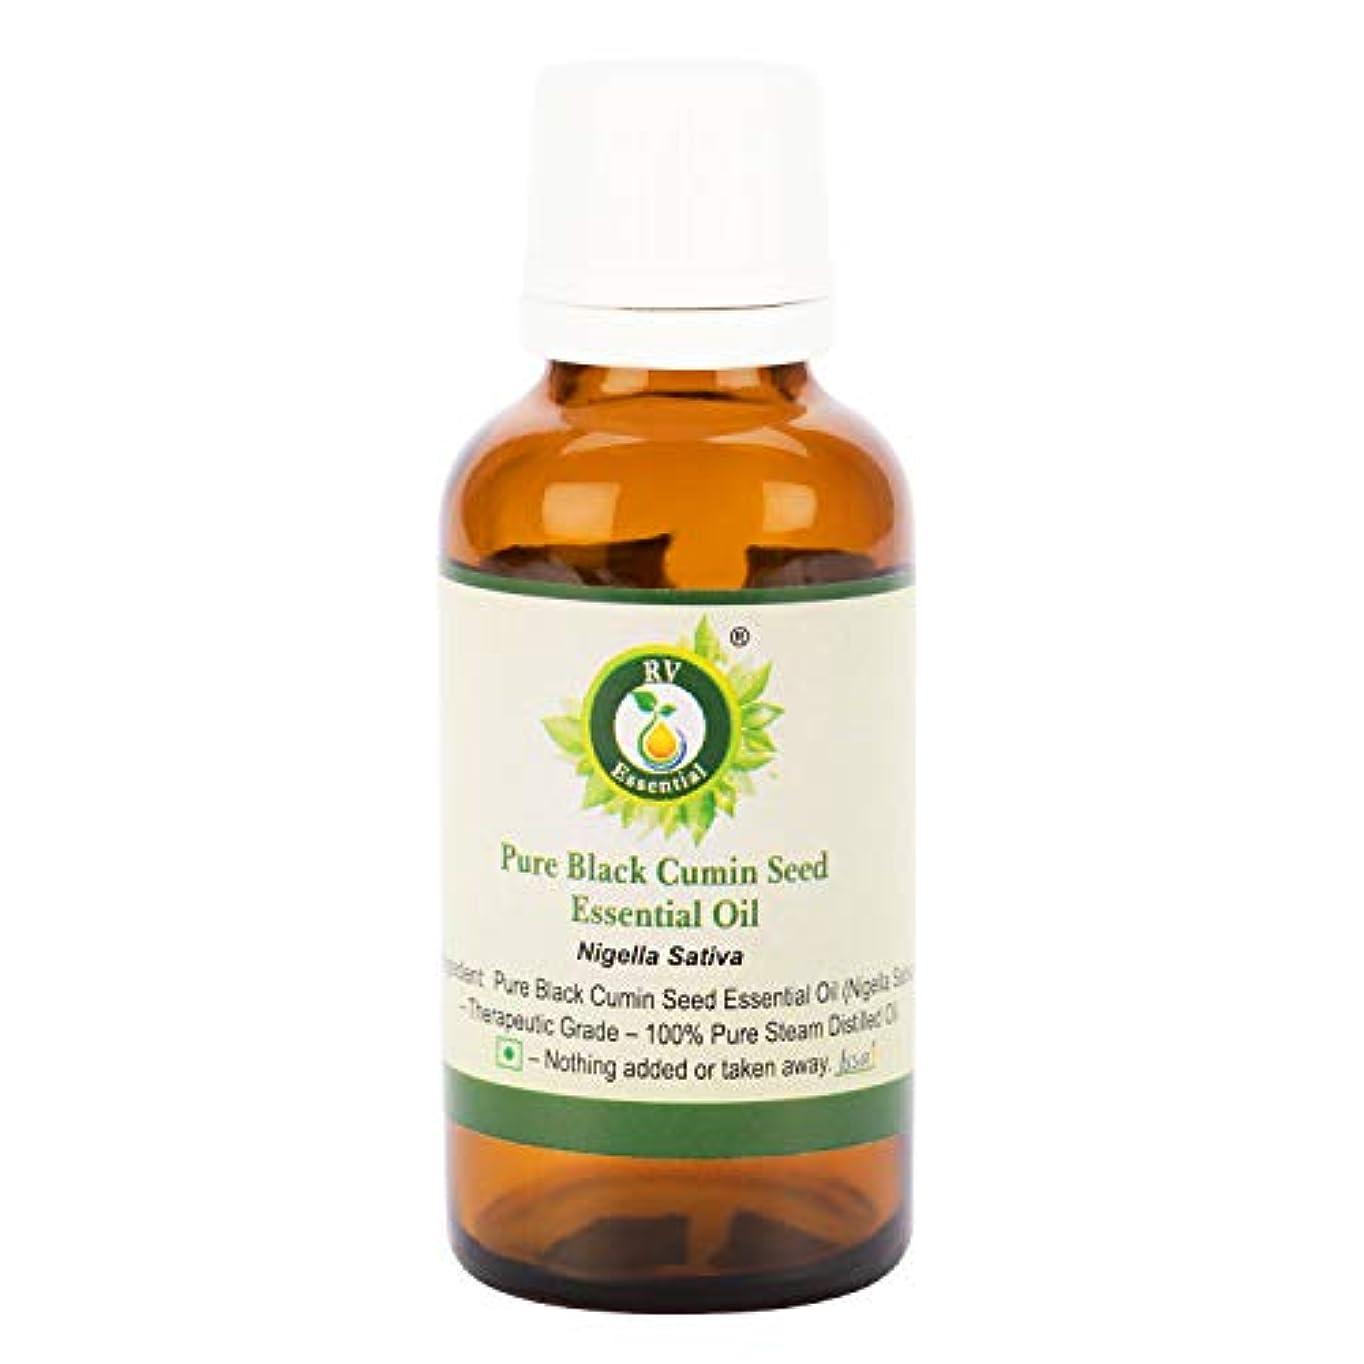 静めるチップ少年ピュアブラッククミンシードエッセンシャルオイル5ml (0.169oz)- Nigella Sativa (100%純粋&天然スチームDistilled) Pure Black Cumin Seed Essential...